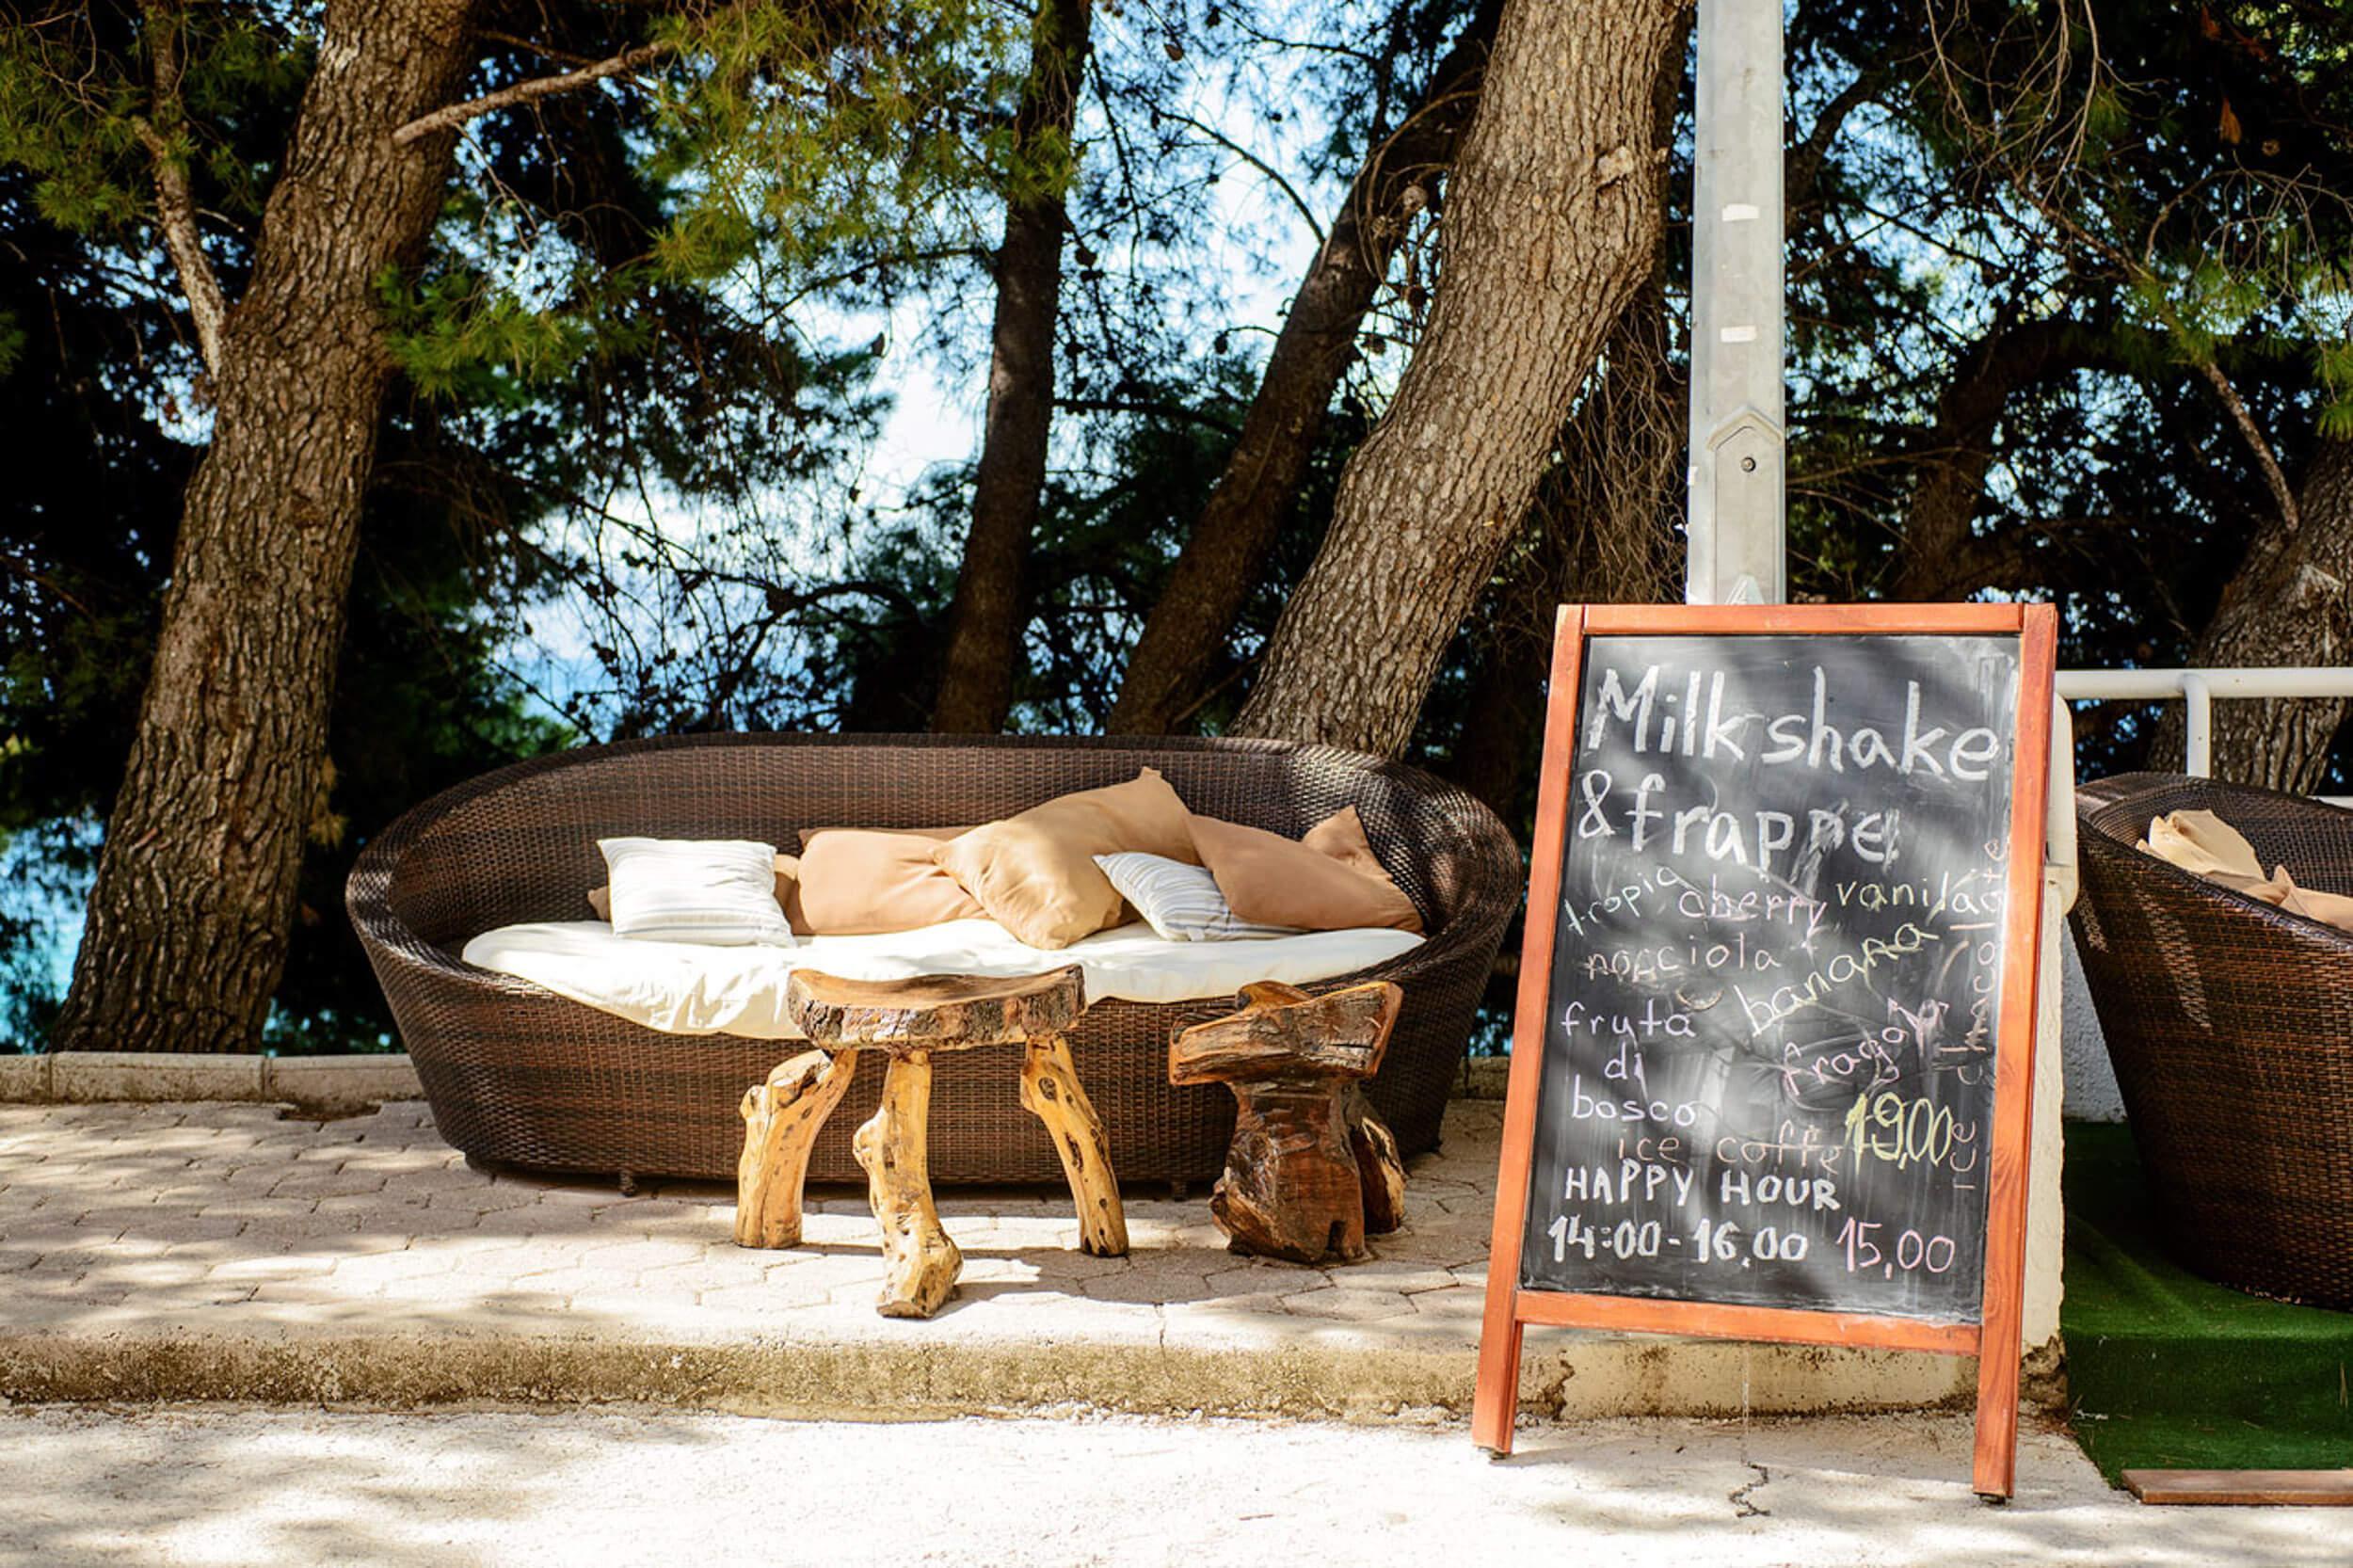 105_Cream caffe terrace